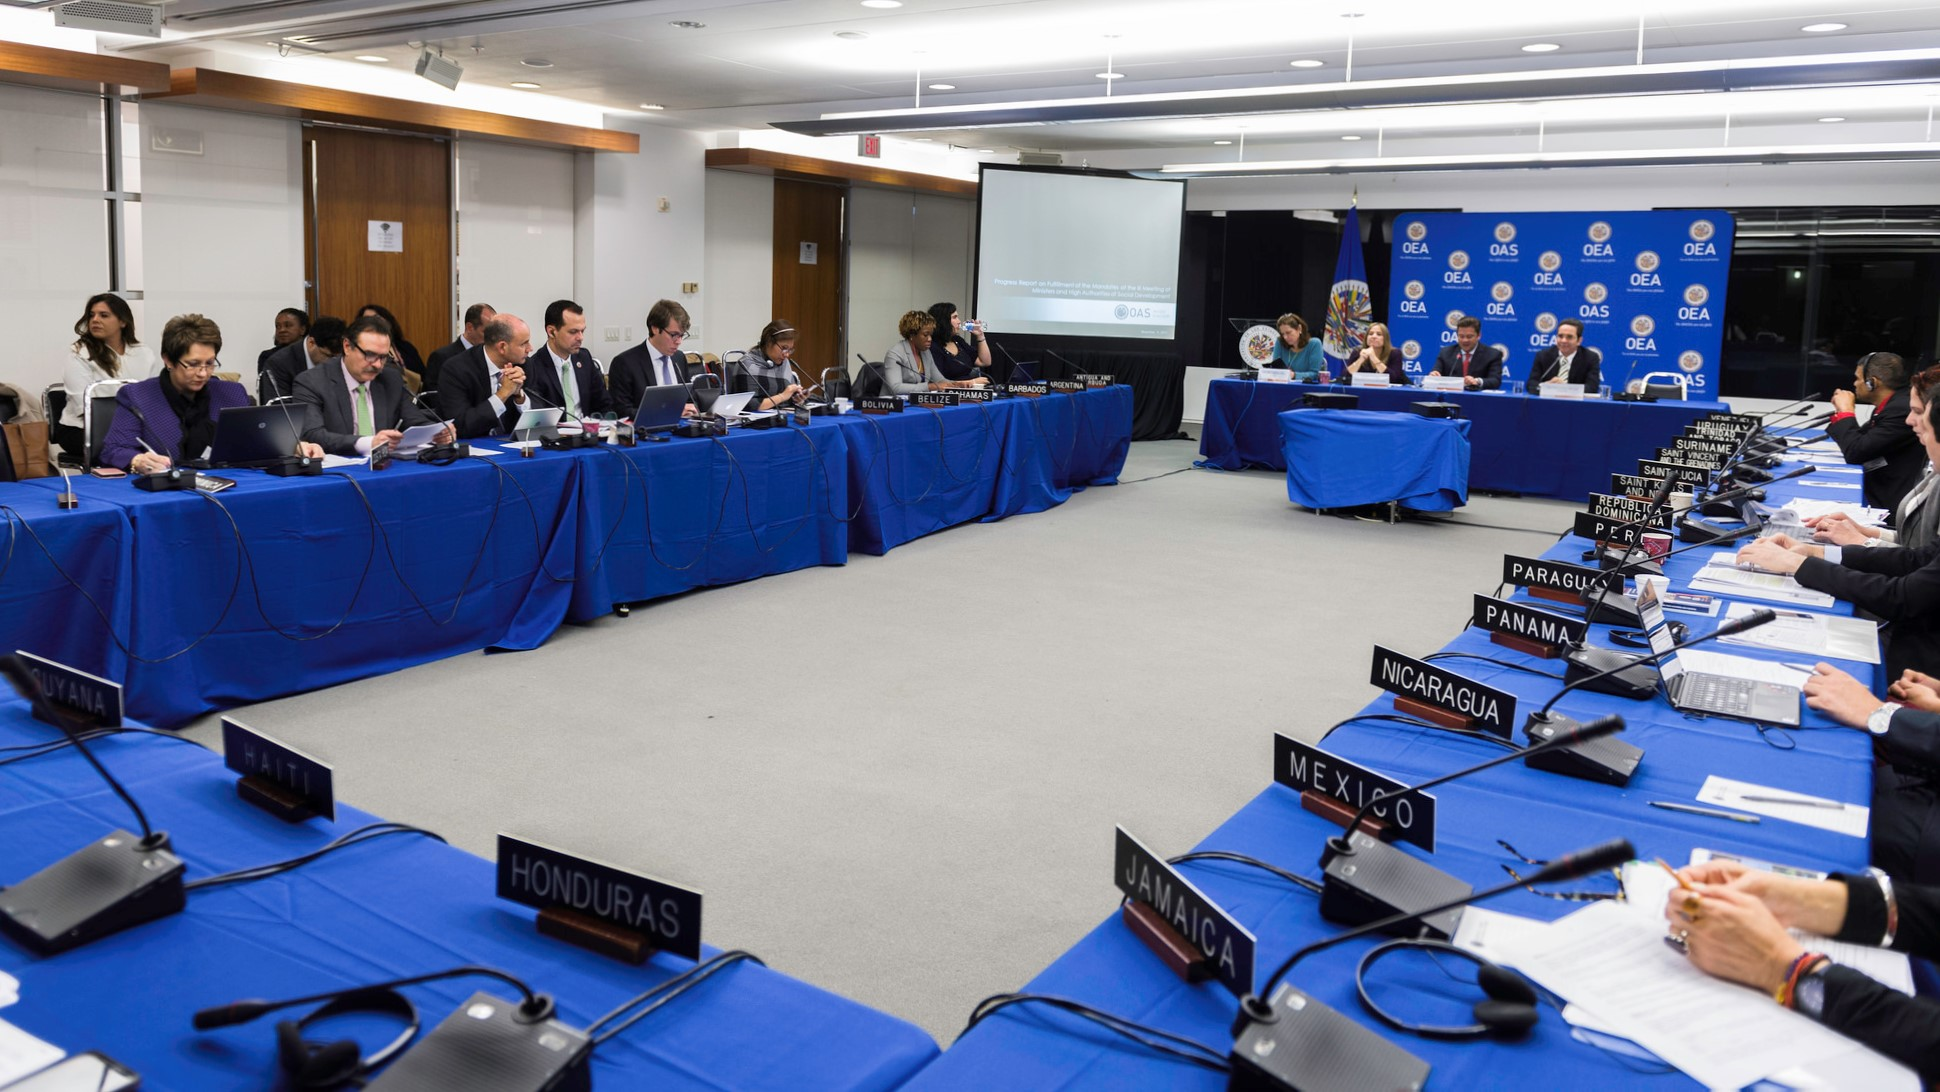 Reunión de la Comisión Interamericana de Desarrollo Social de la Organización de los Estados Americanos